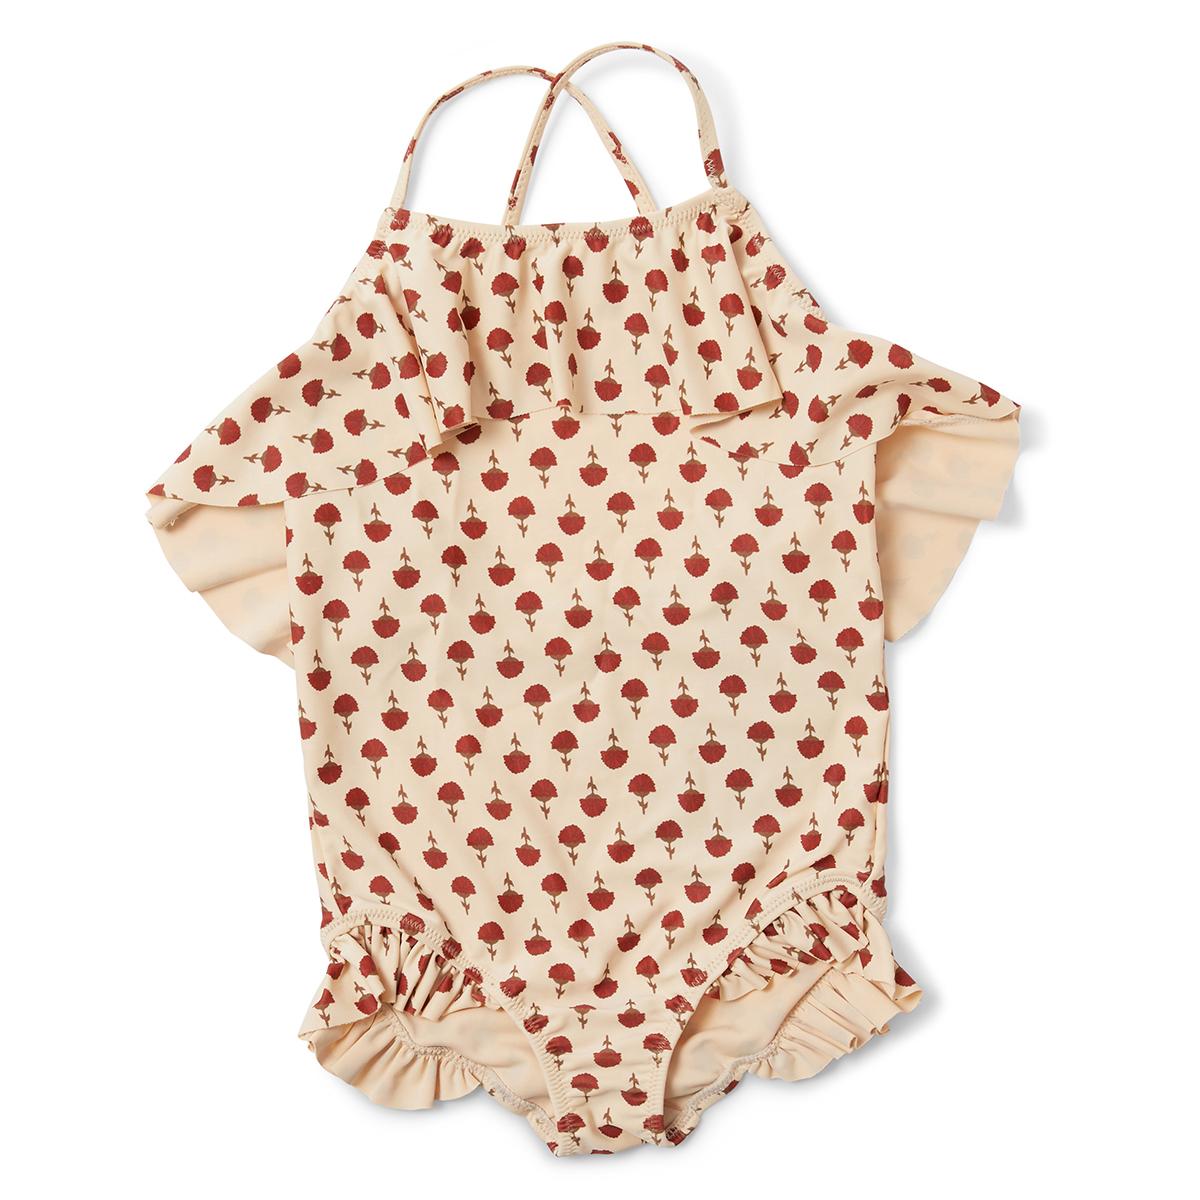 Accessoires bébé Maillot de Bain Manuca Poppyflower Red - 3 Ans Maillot de Bain Manuca Poppyflower Red - 3 Ans